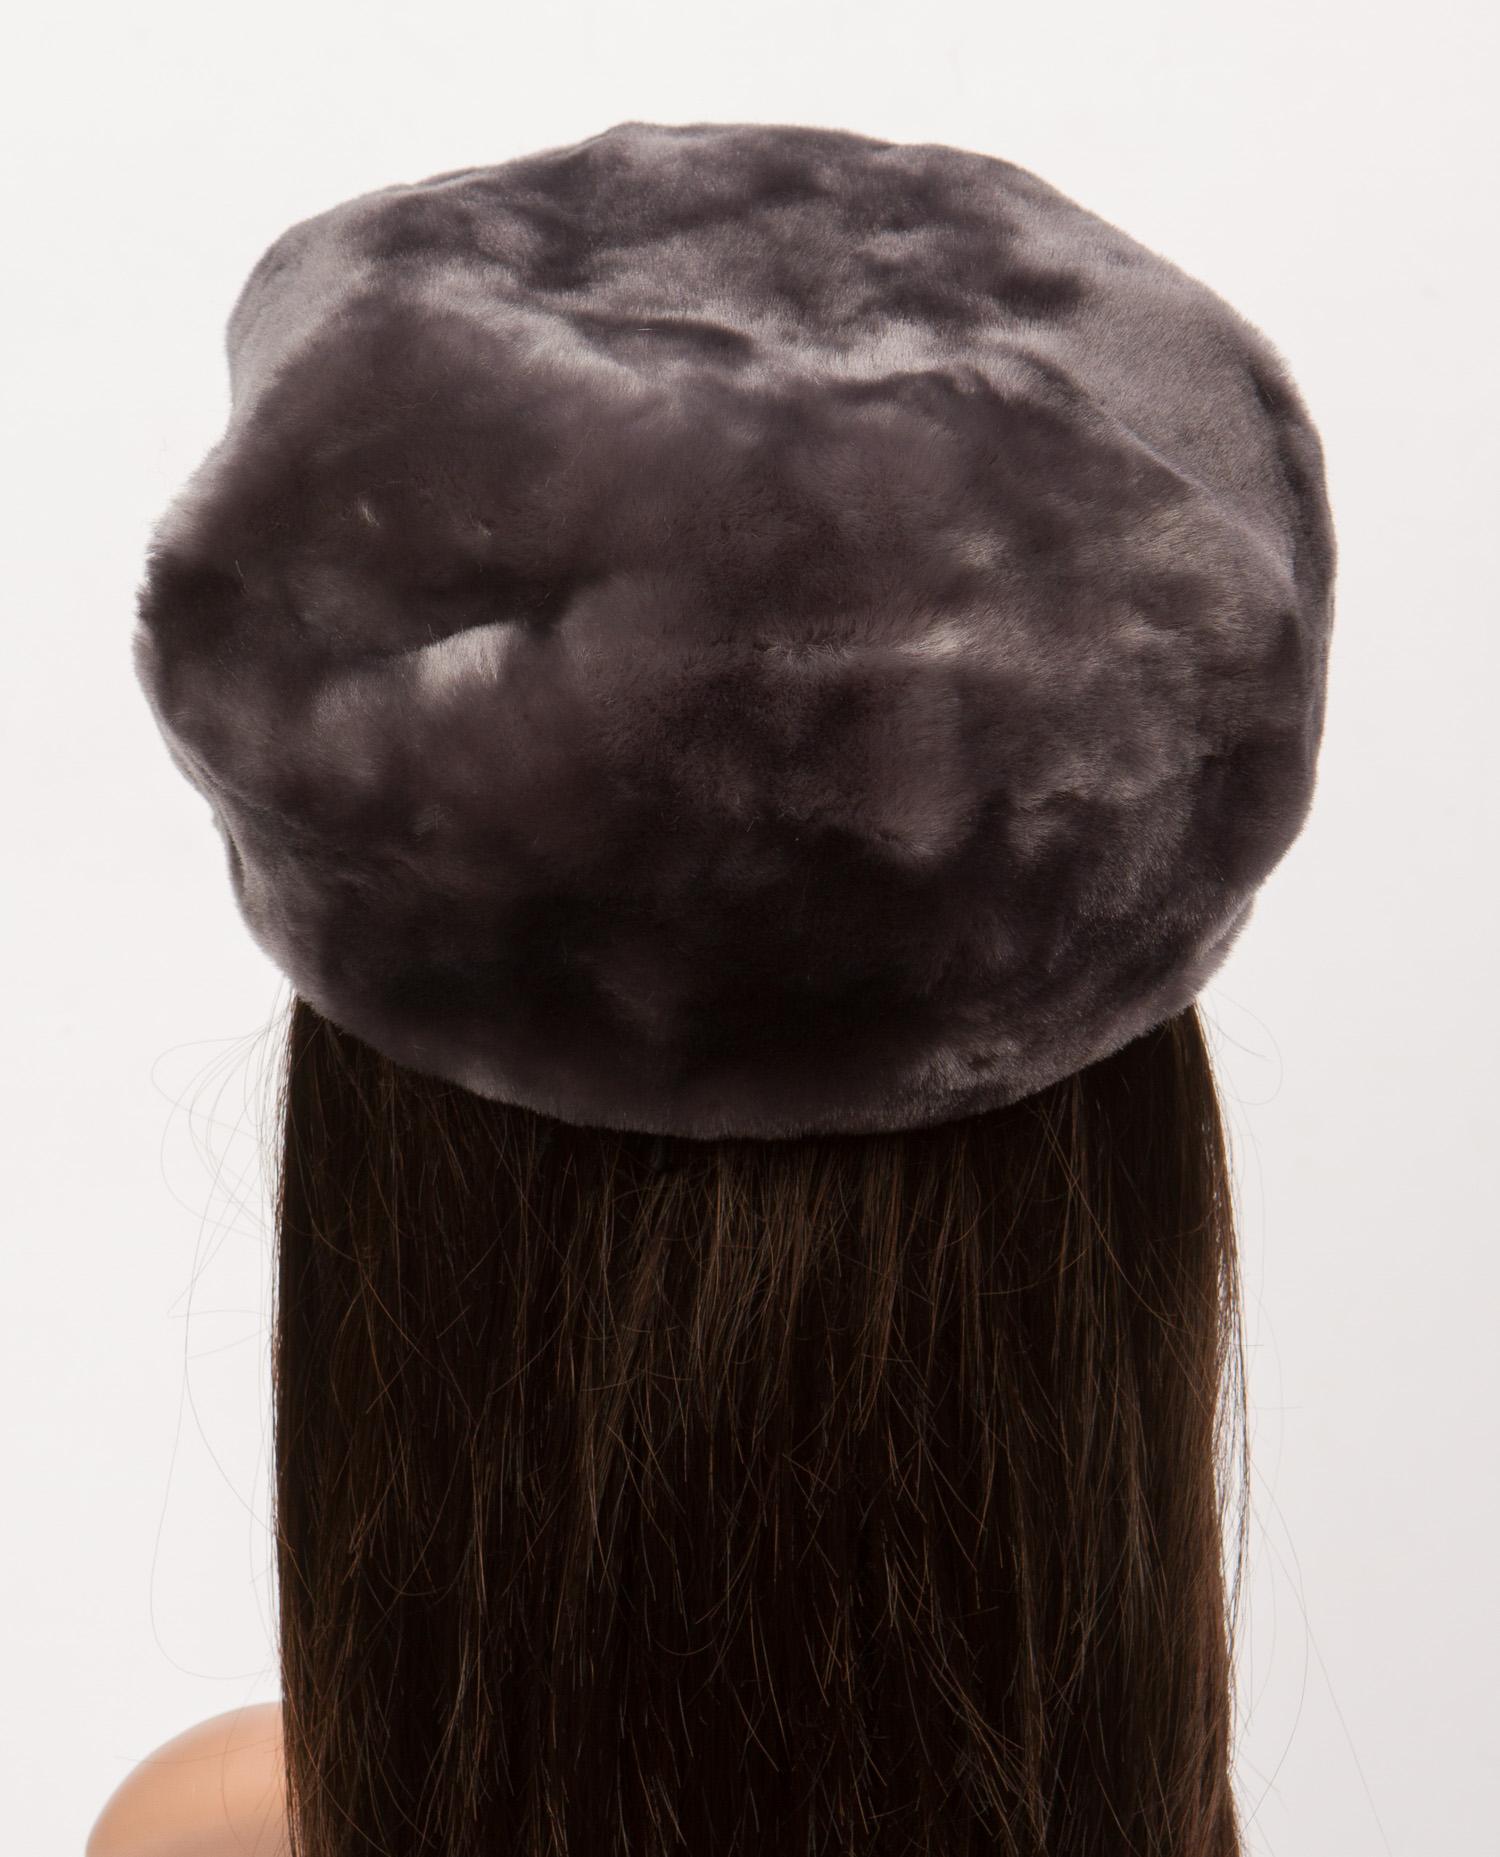 Шапка женская из мутона, без отделки от Московская Меховая Компания